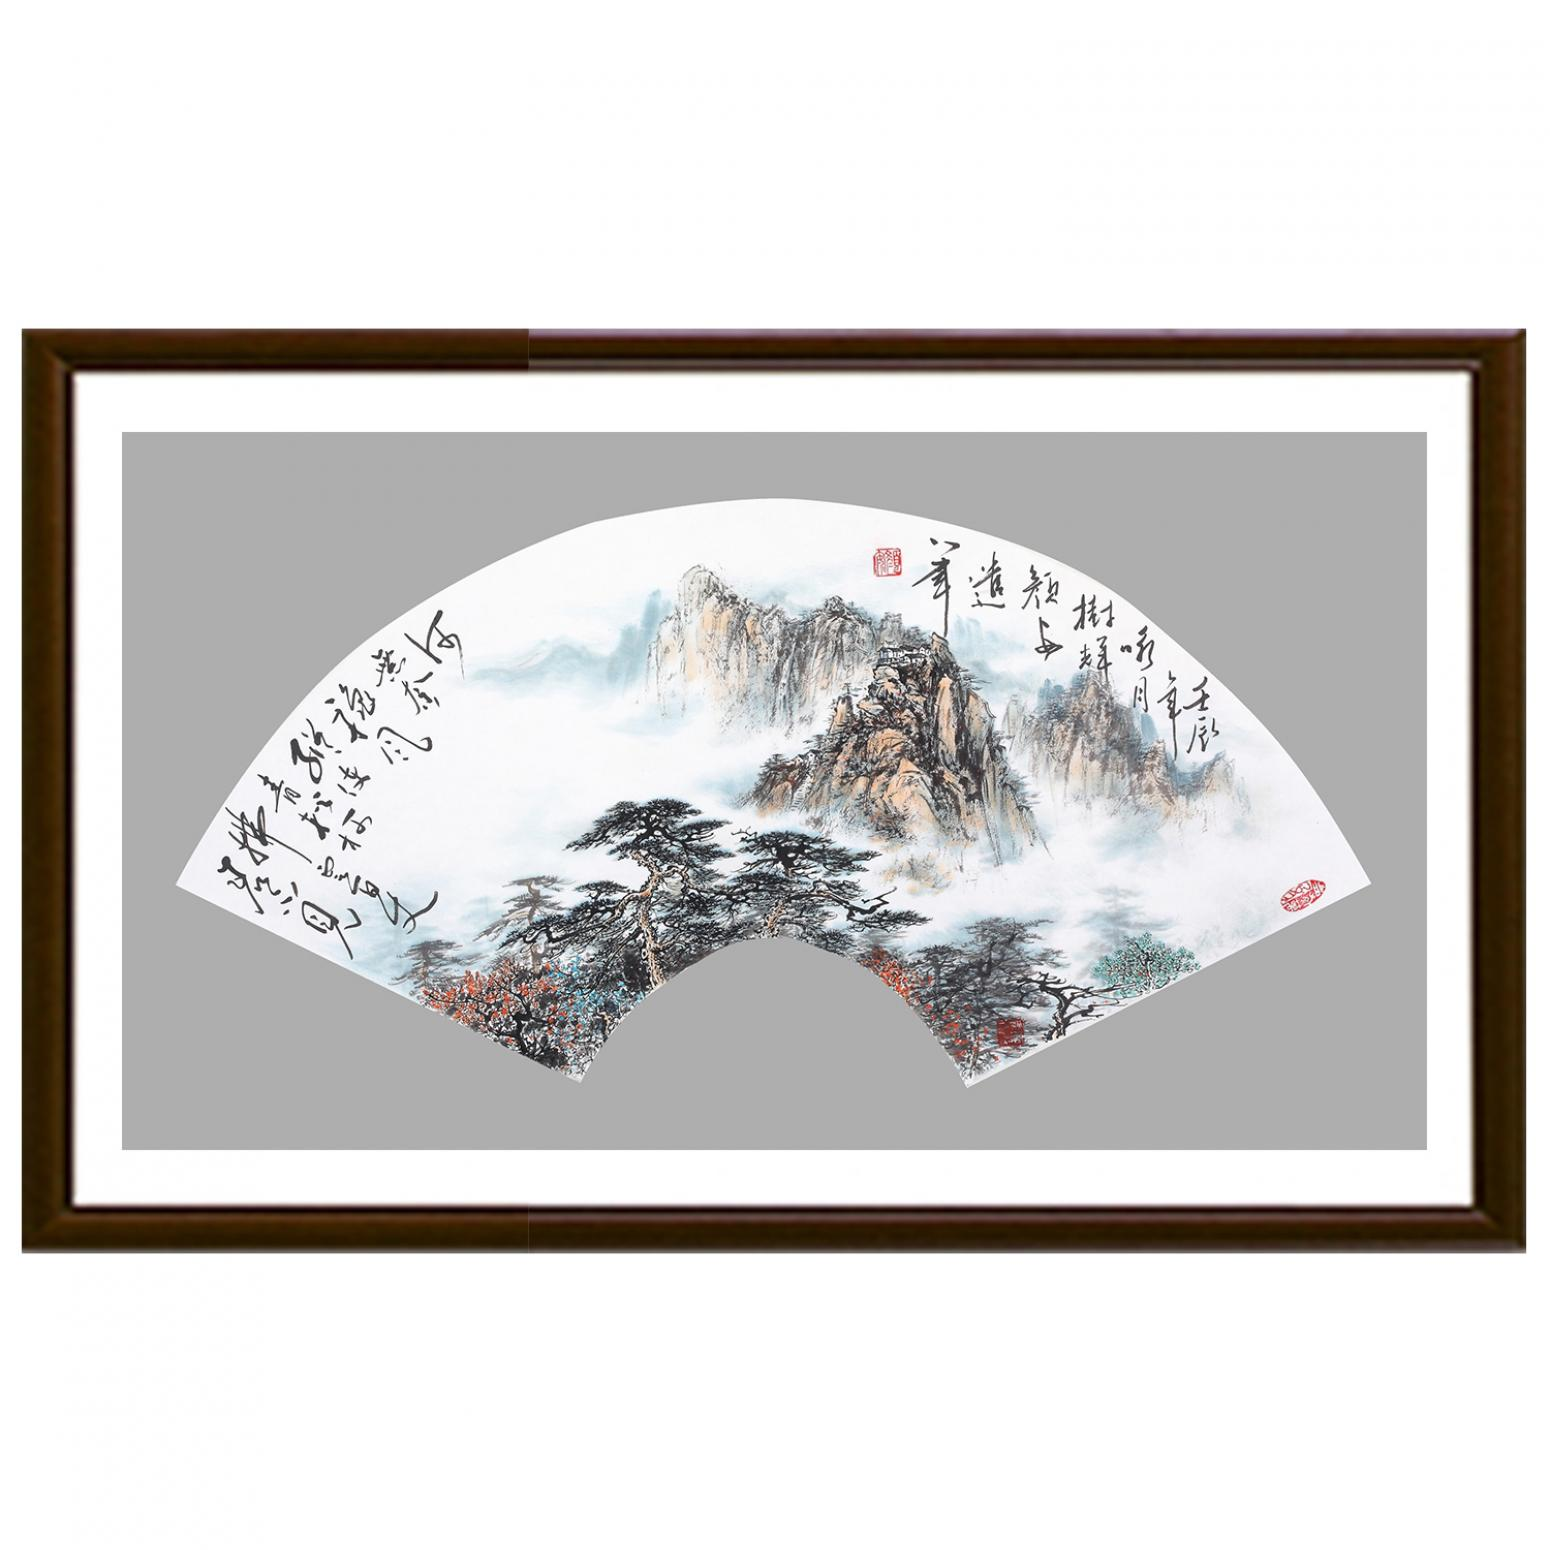 罗树辉国画作品《山水松树扇面图1》【图2】